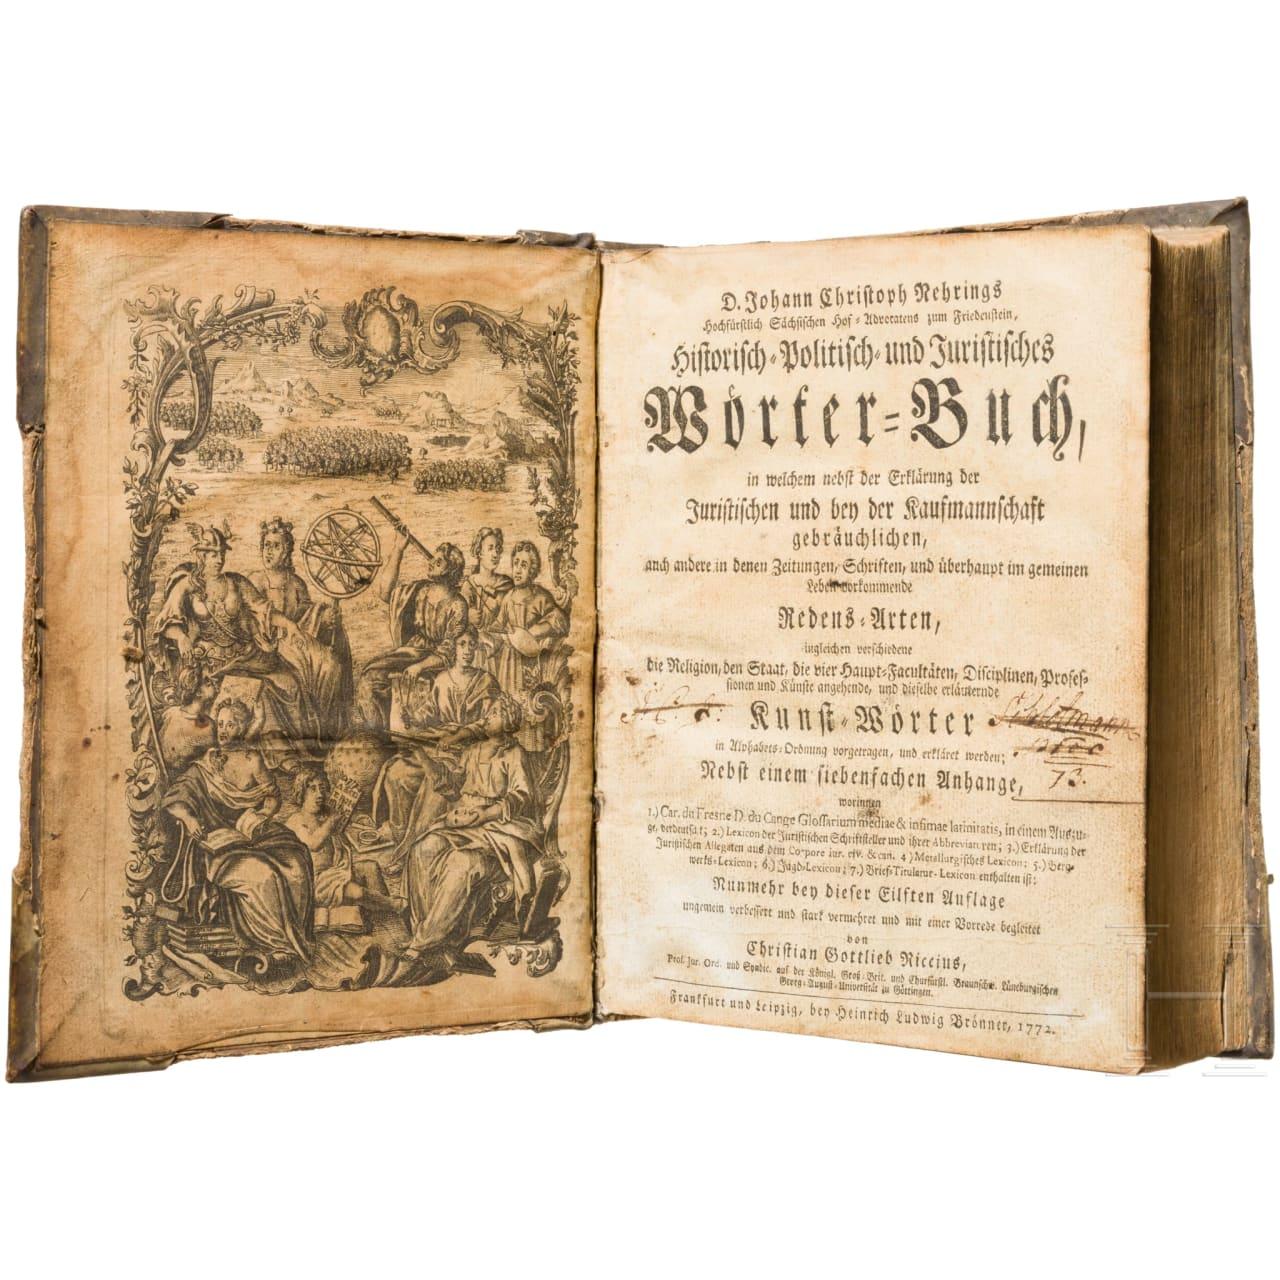 """""""Historisch-, politisch- und juristisches Wörterbuch"""", Frankfurt und Leipzig, 1772"""